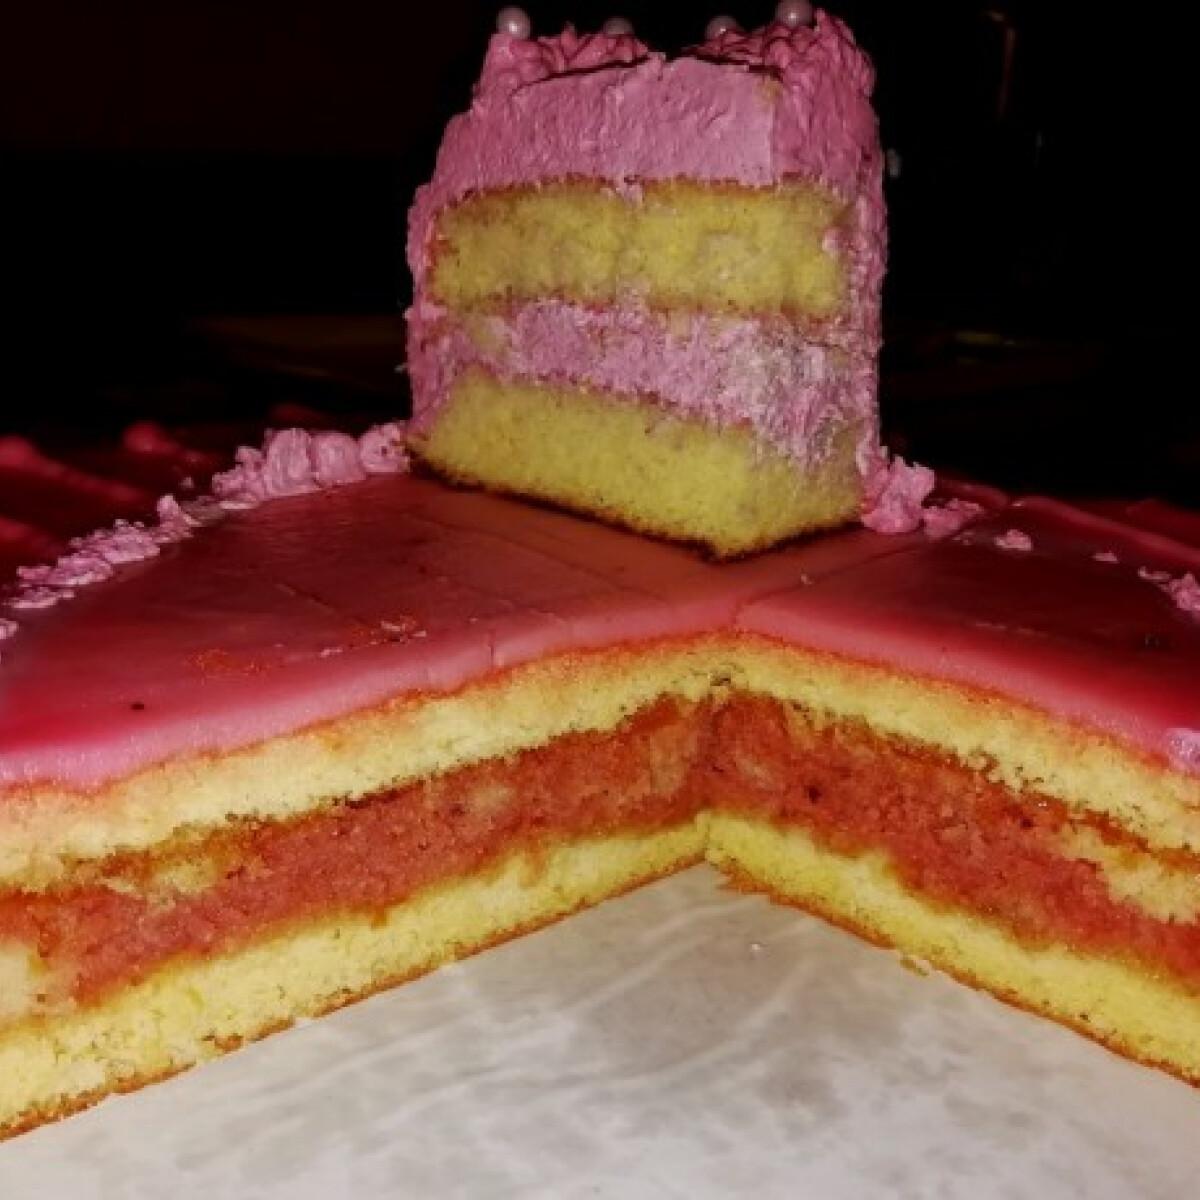 Puncsos, málnás-mascarponés, emeletes gluténmentes torta